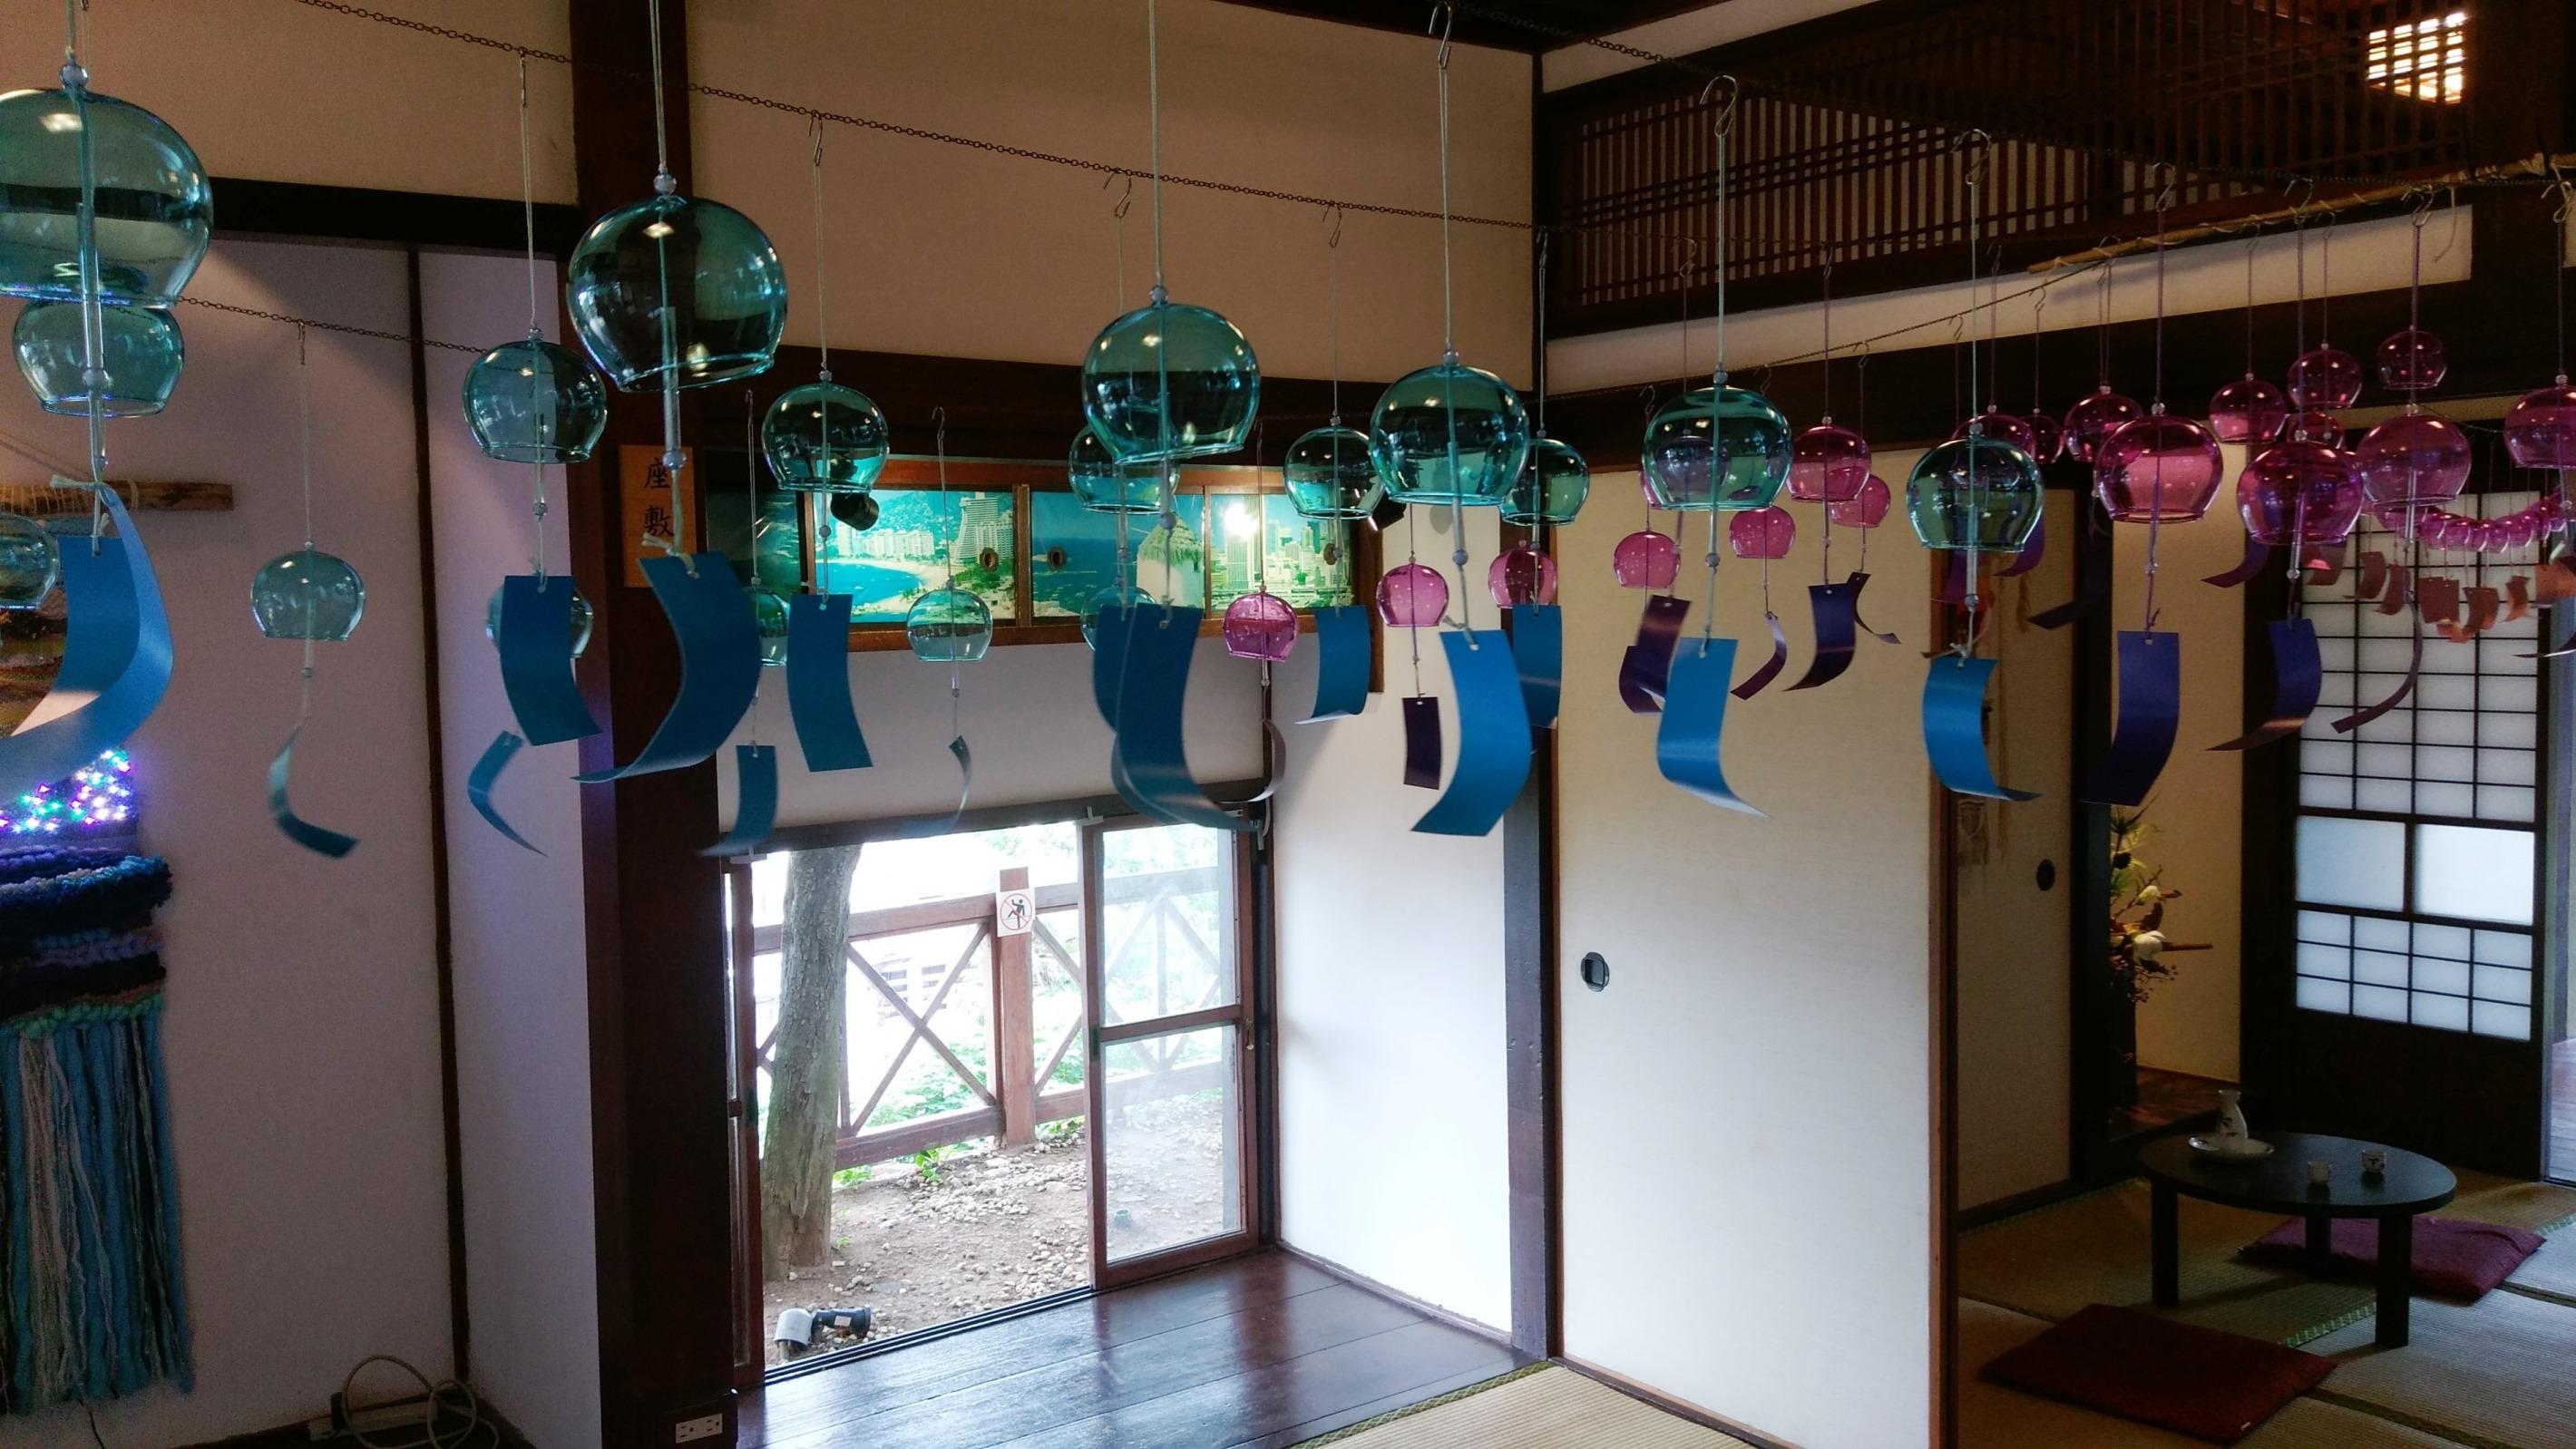 淡雨-郭佩奇展覽作品,編織物搭配風鈴,體驗淡水慢生活。